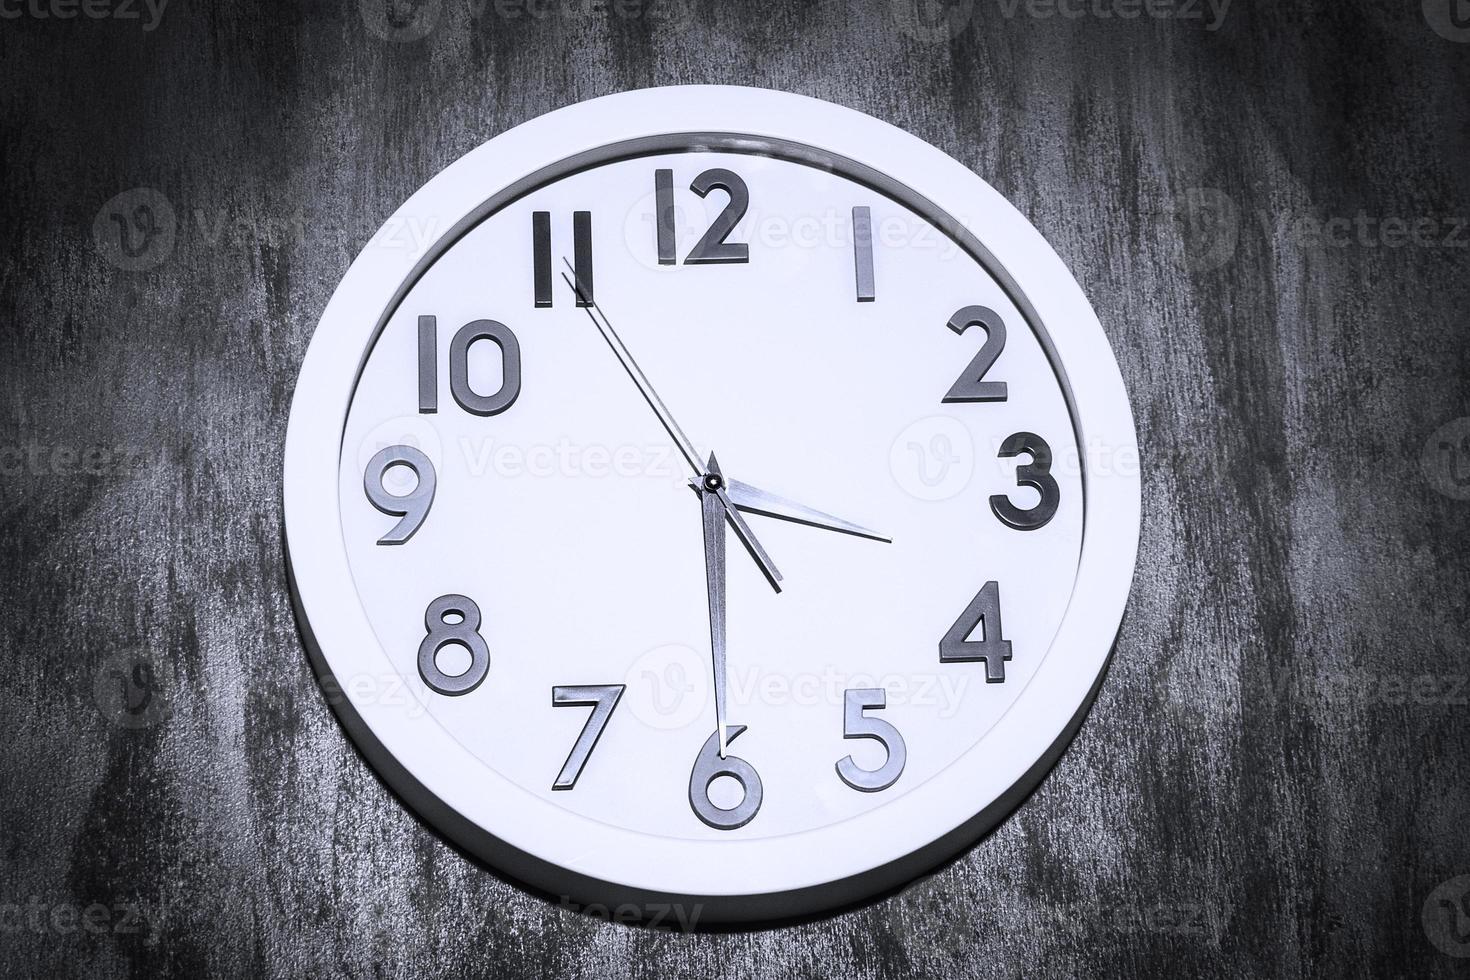 Reloj moderno en un sucio muro de hormigón foto